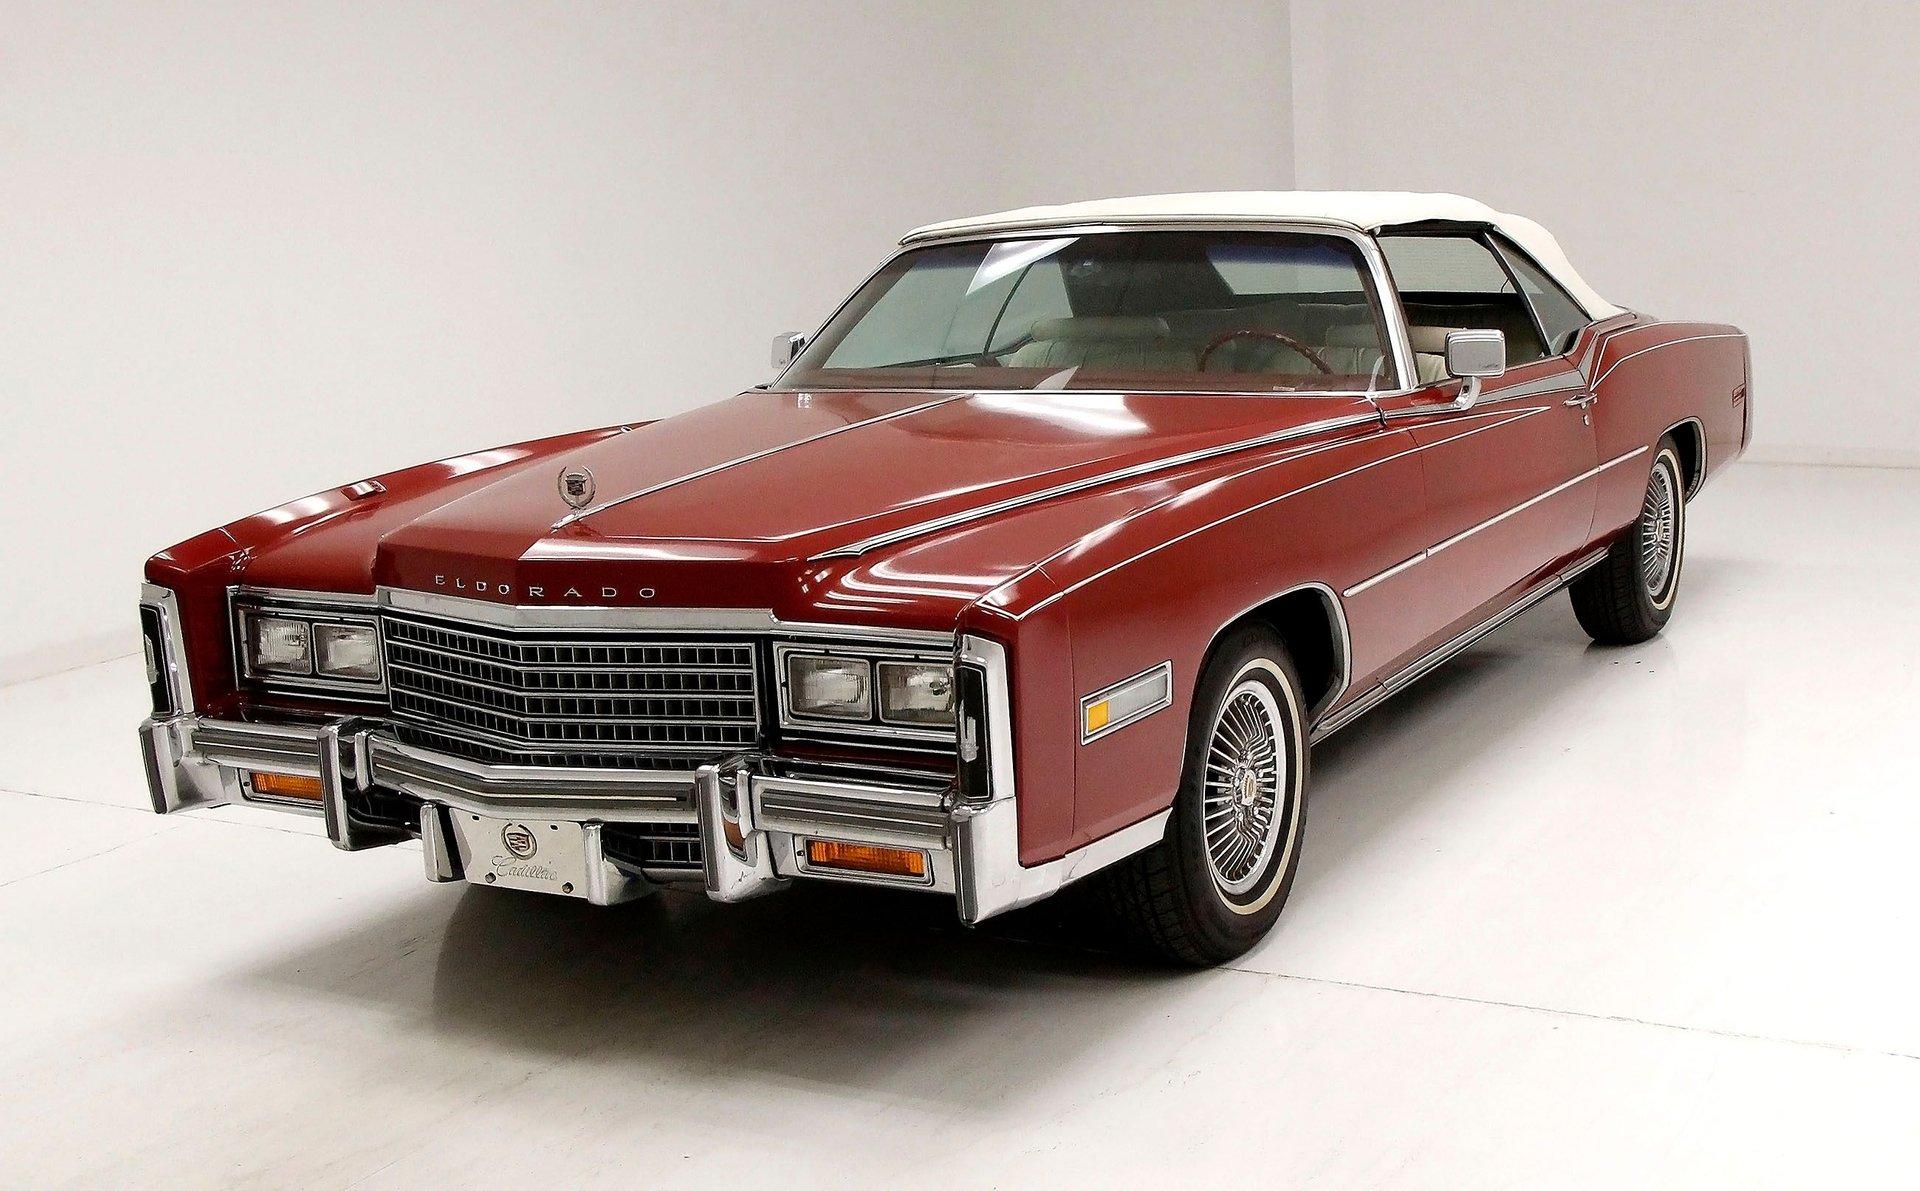 1978 Cadillac Eldorado